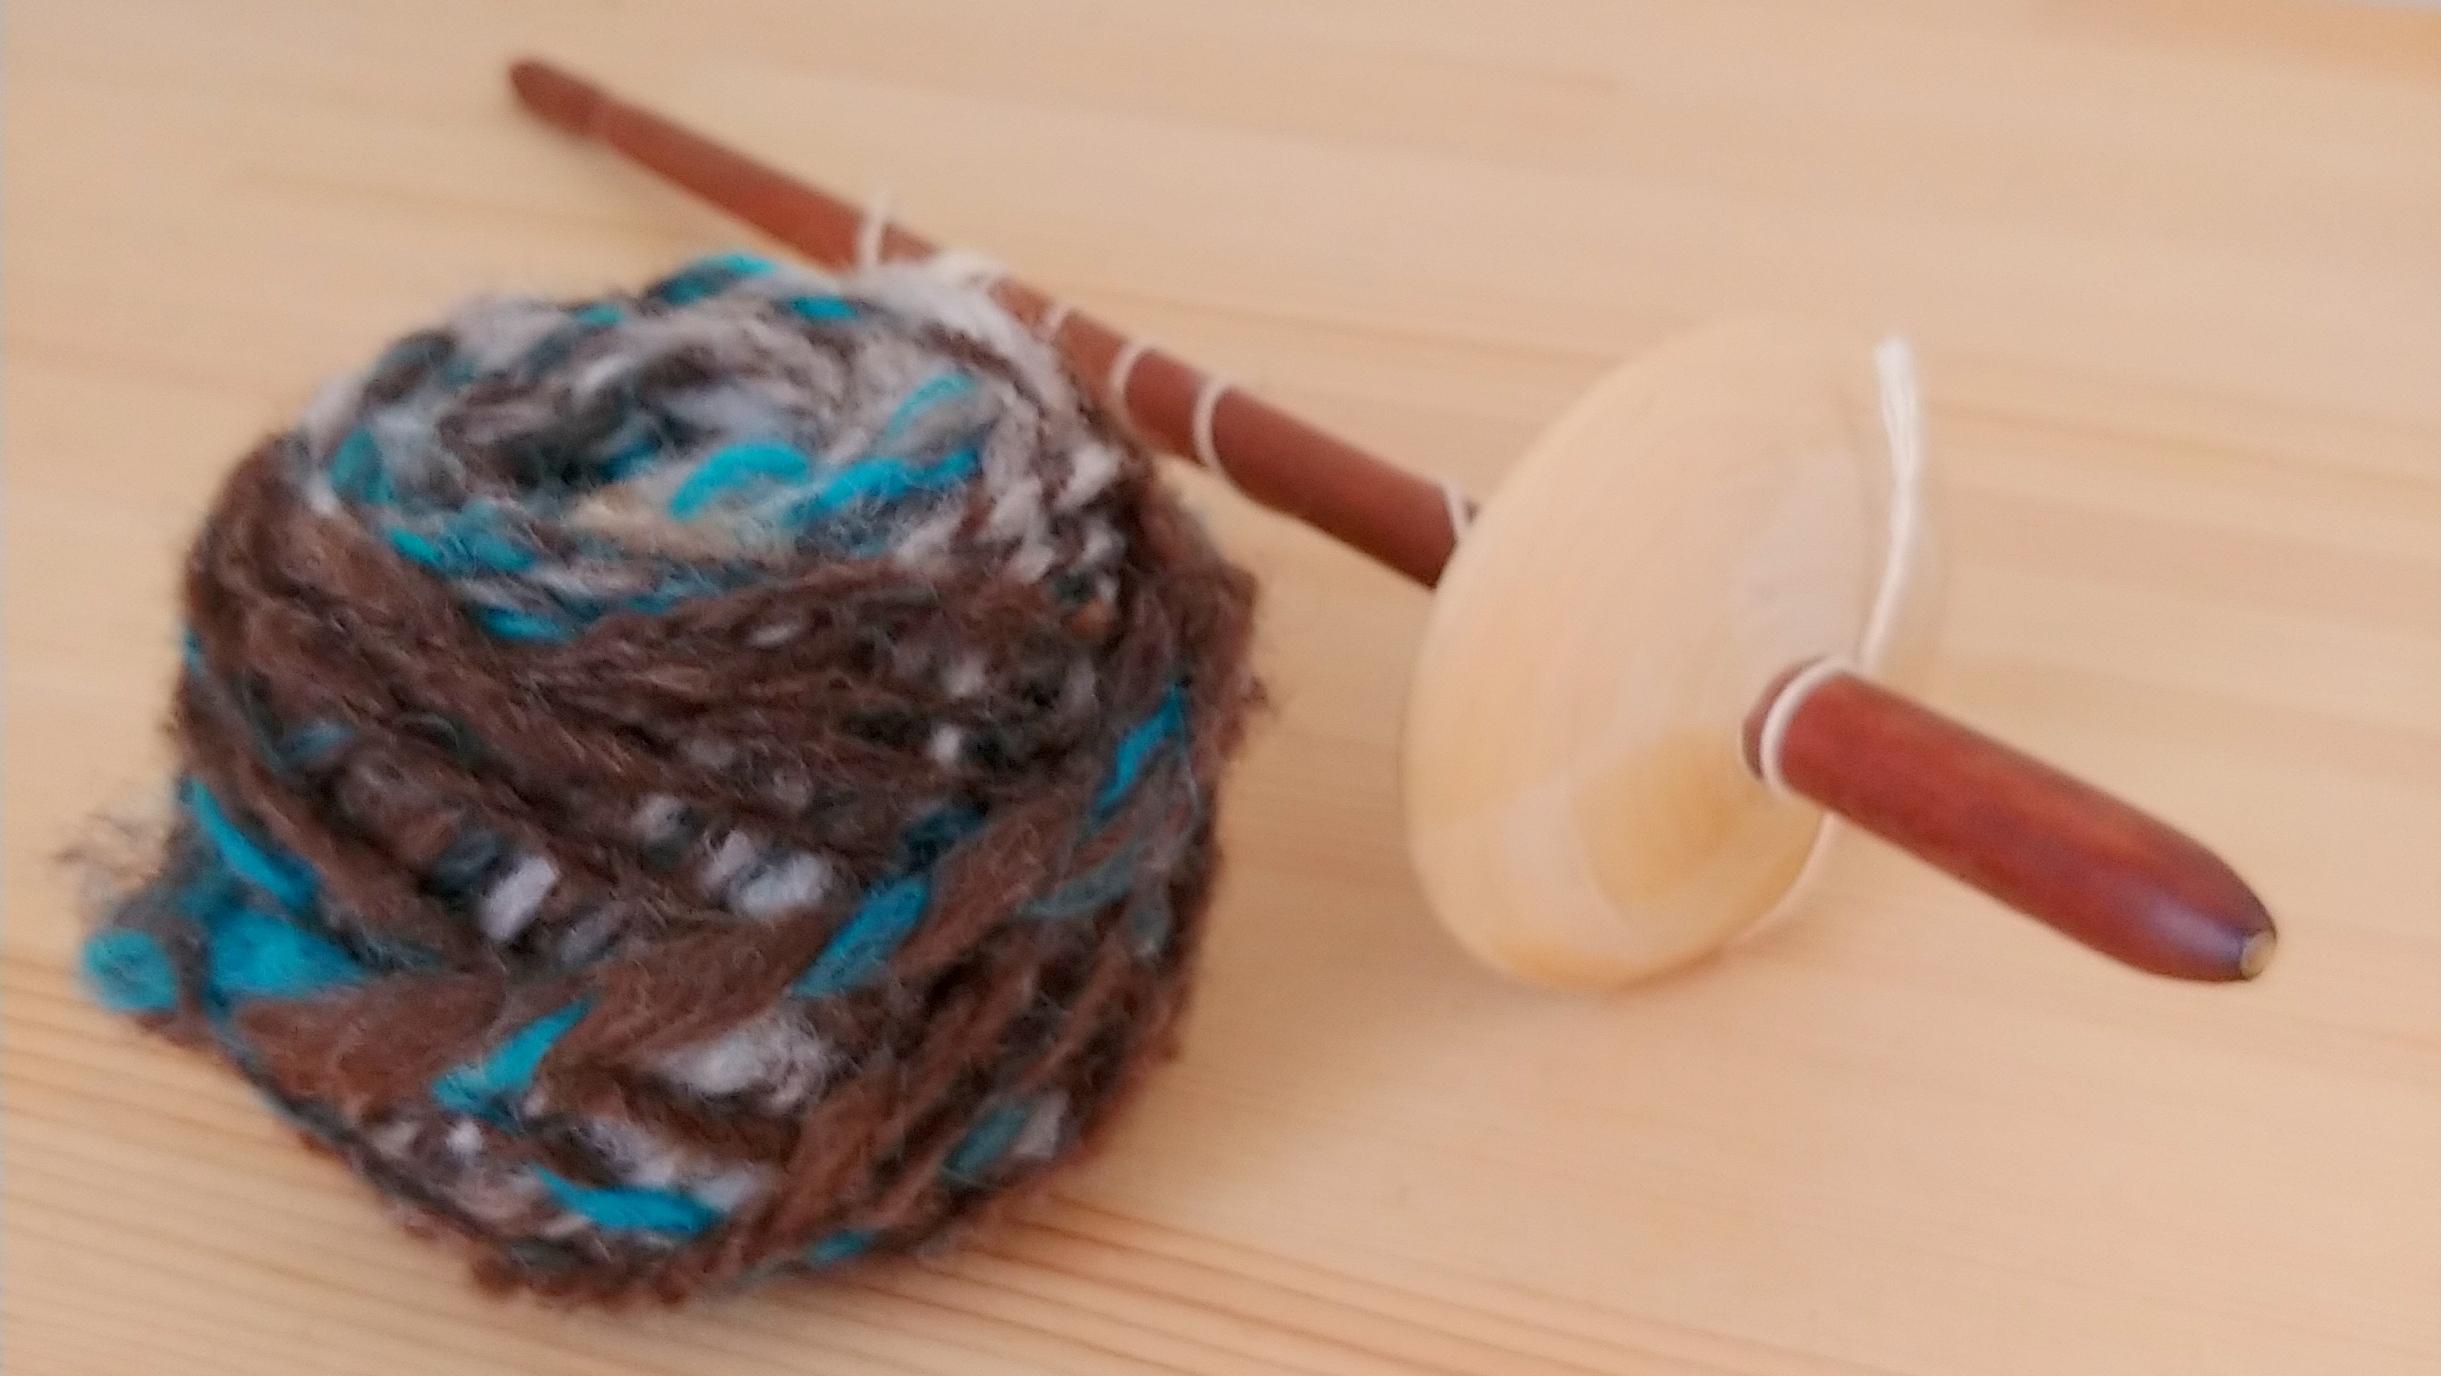 【手しごとFika】はじまります! 第1回めは「スピンドルでオリジナル糸を紡いでみよう」/2月16日(日)